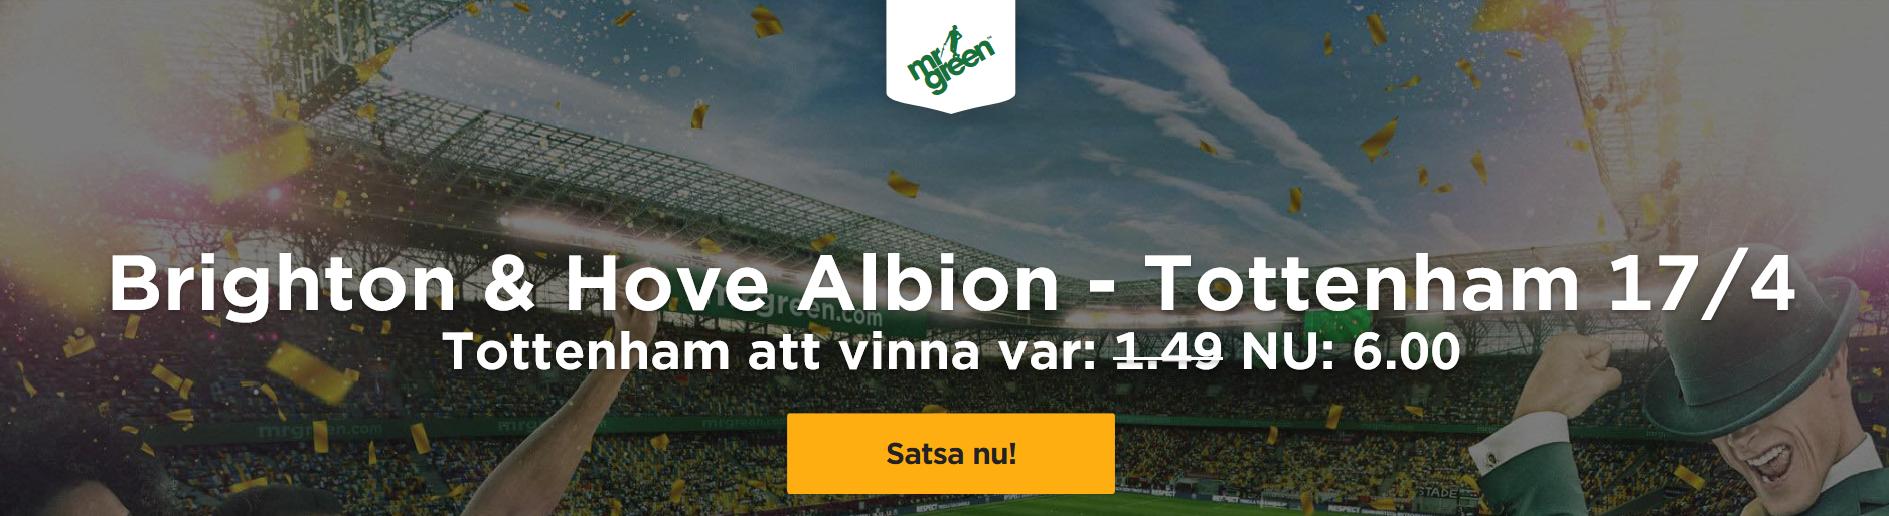 Exklusivt odds på Brighton – Tottenham – Tottenham vinna 6,00 – Spelstopp 20:45